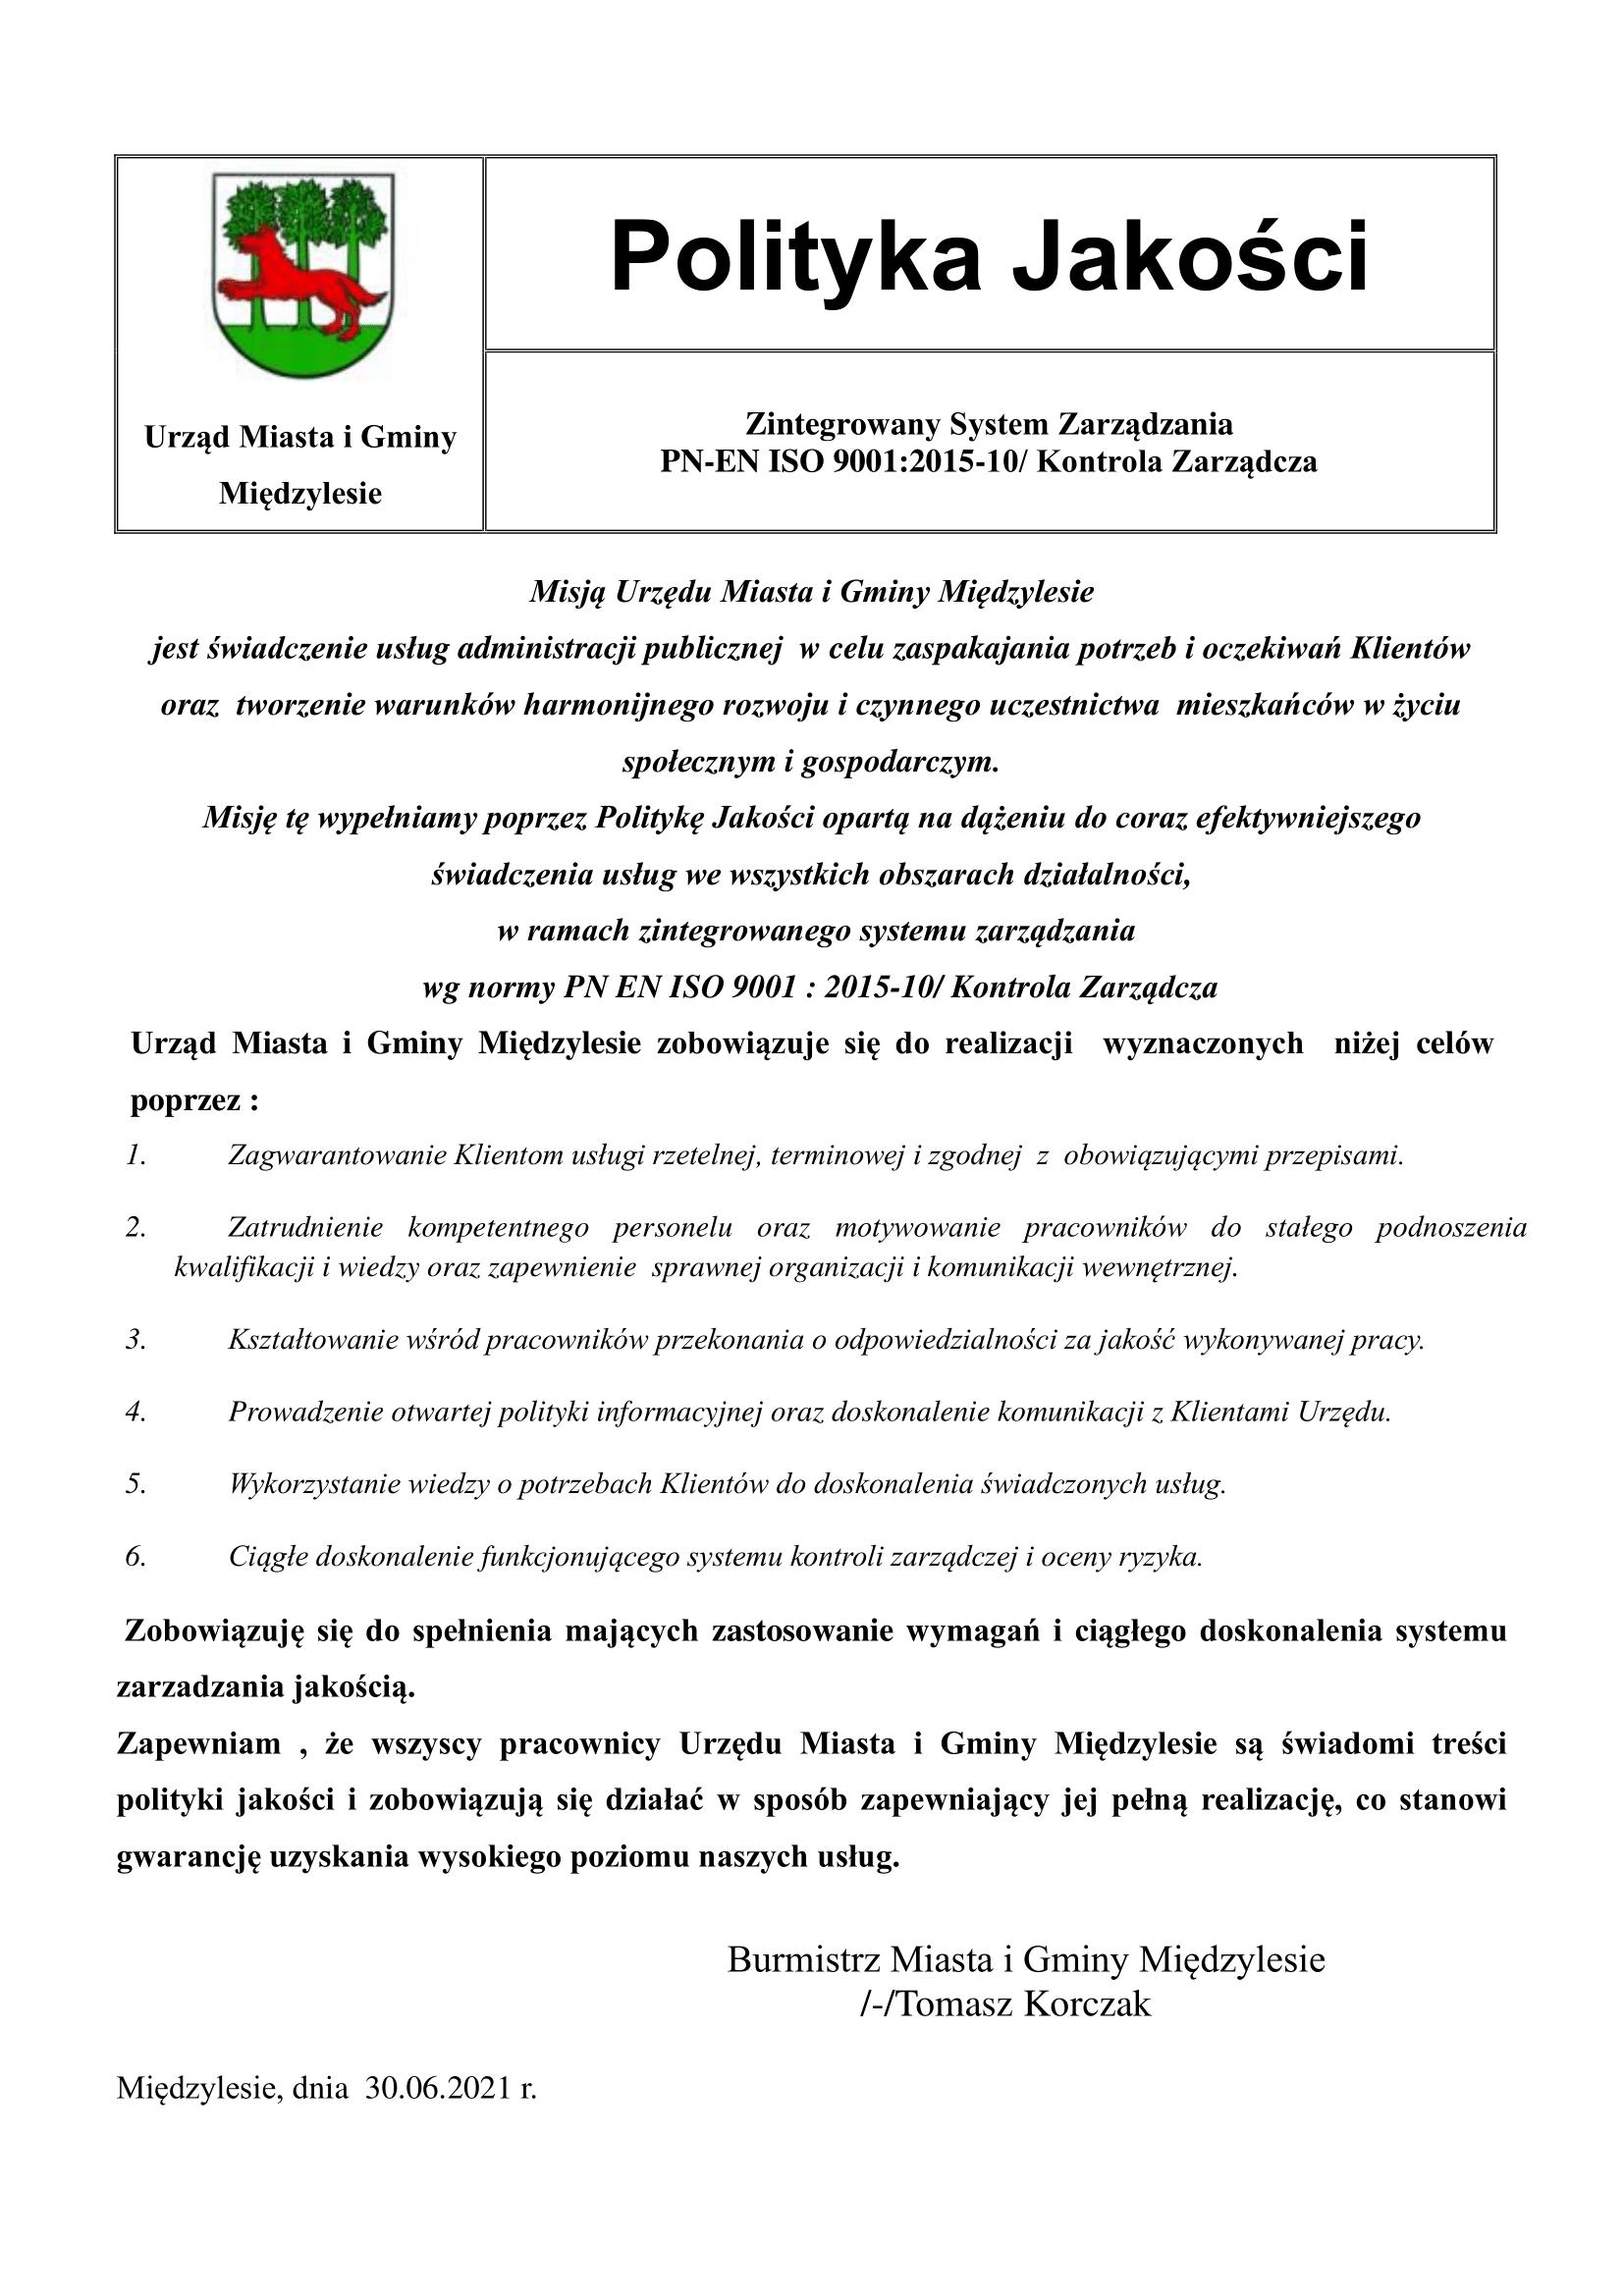 Polityka Jakości nowa 30.06.2021-1.png